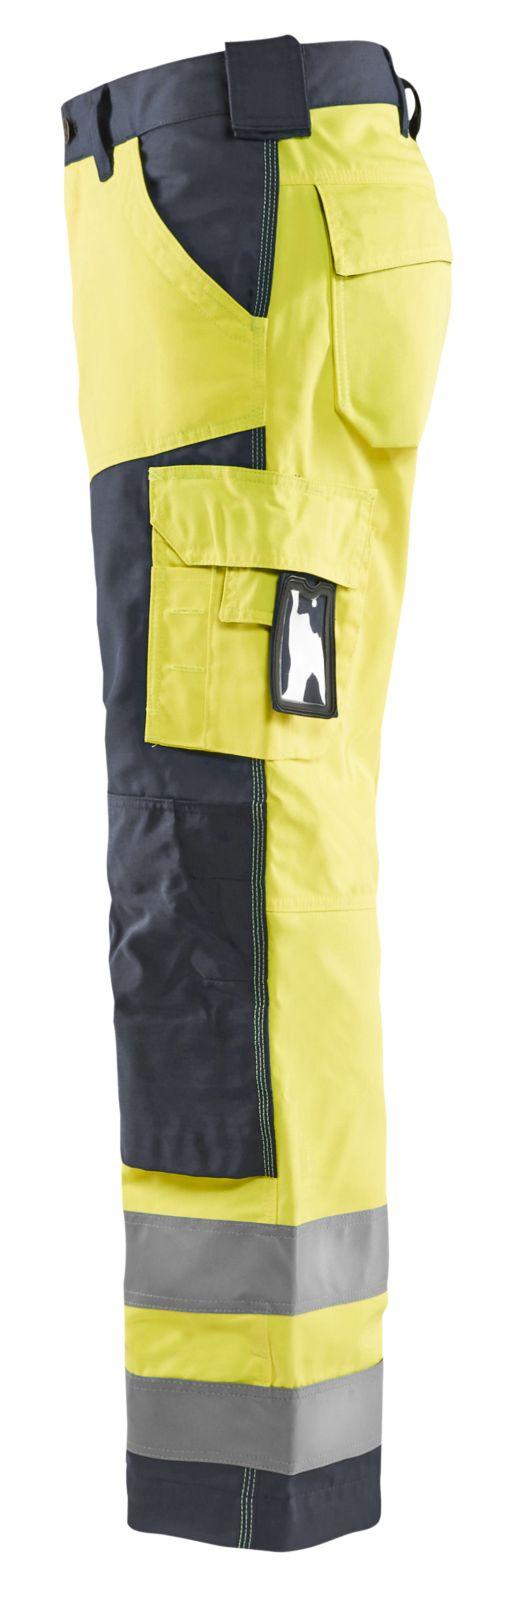 Blaklader Broeken 15661811 High Vis fluo geel-middelgrijs(3396)